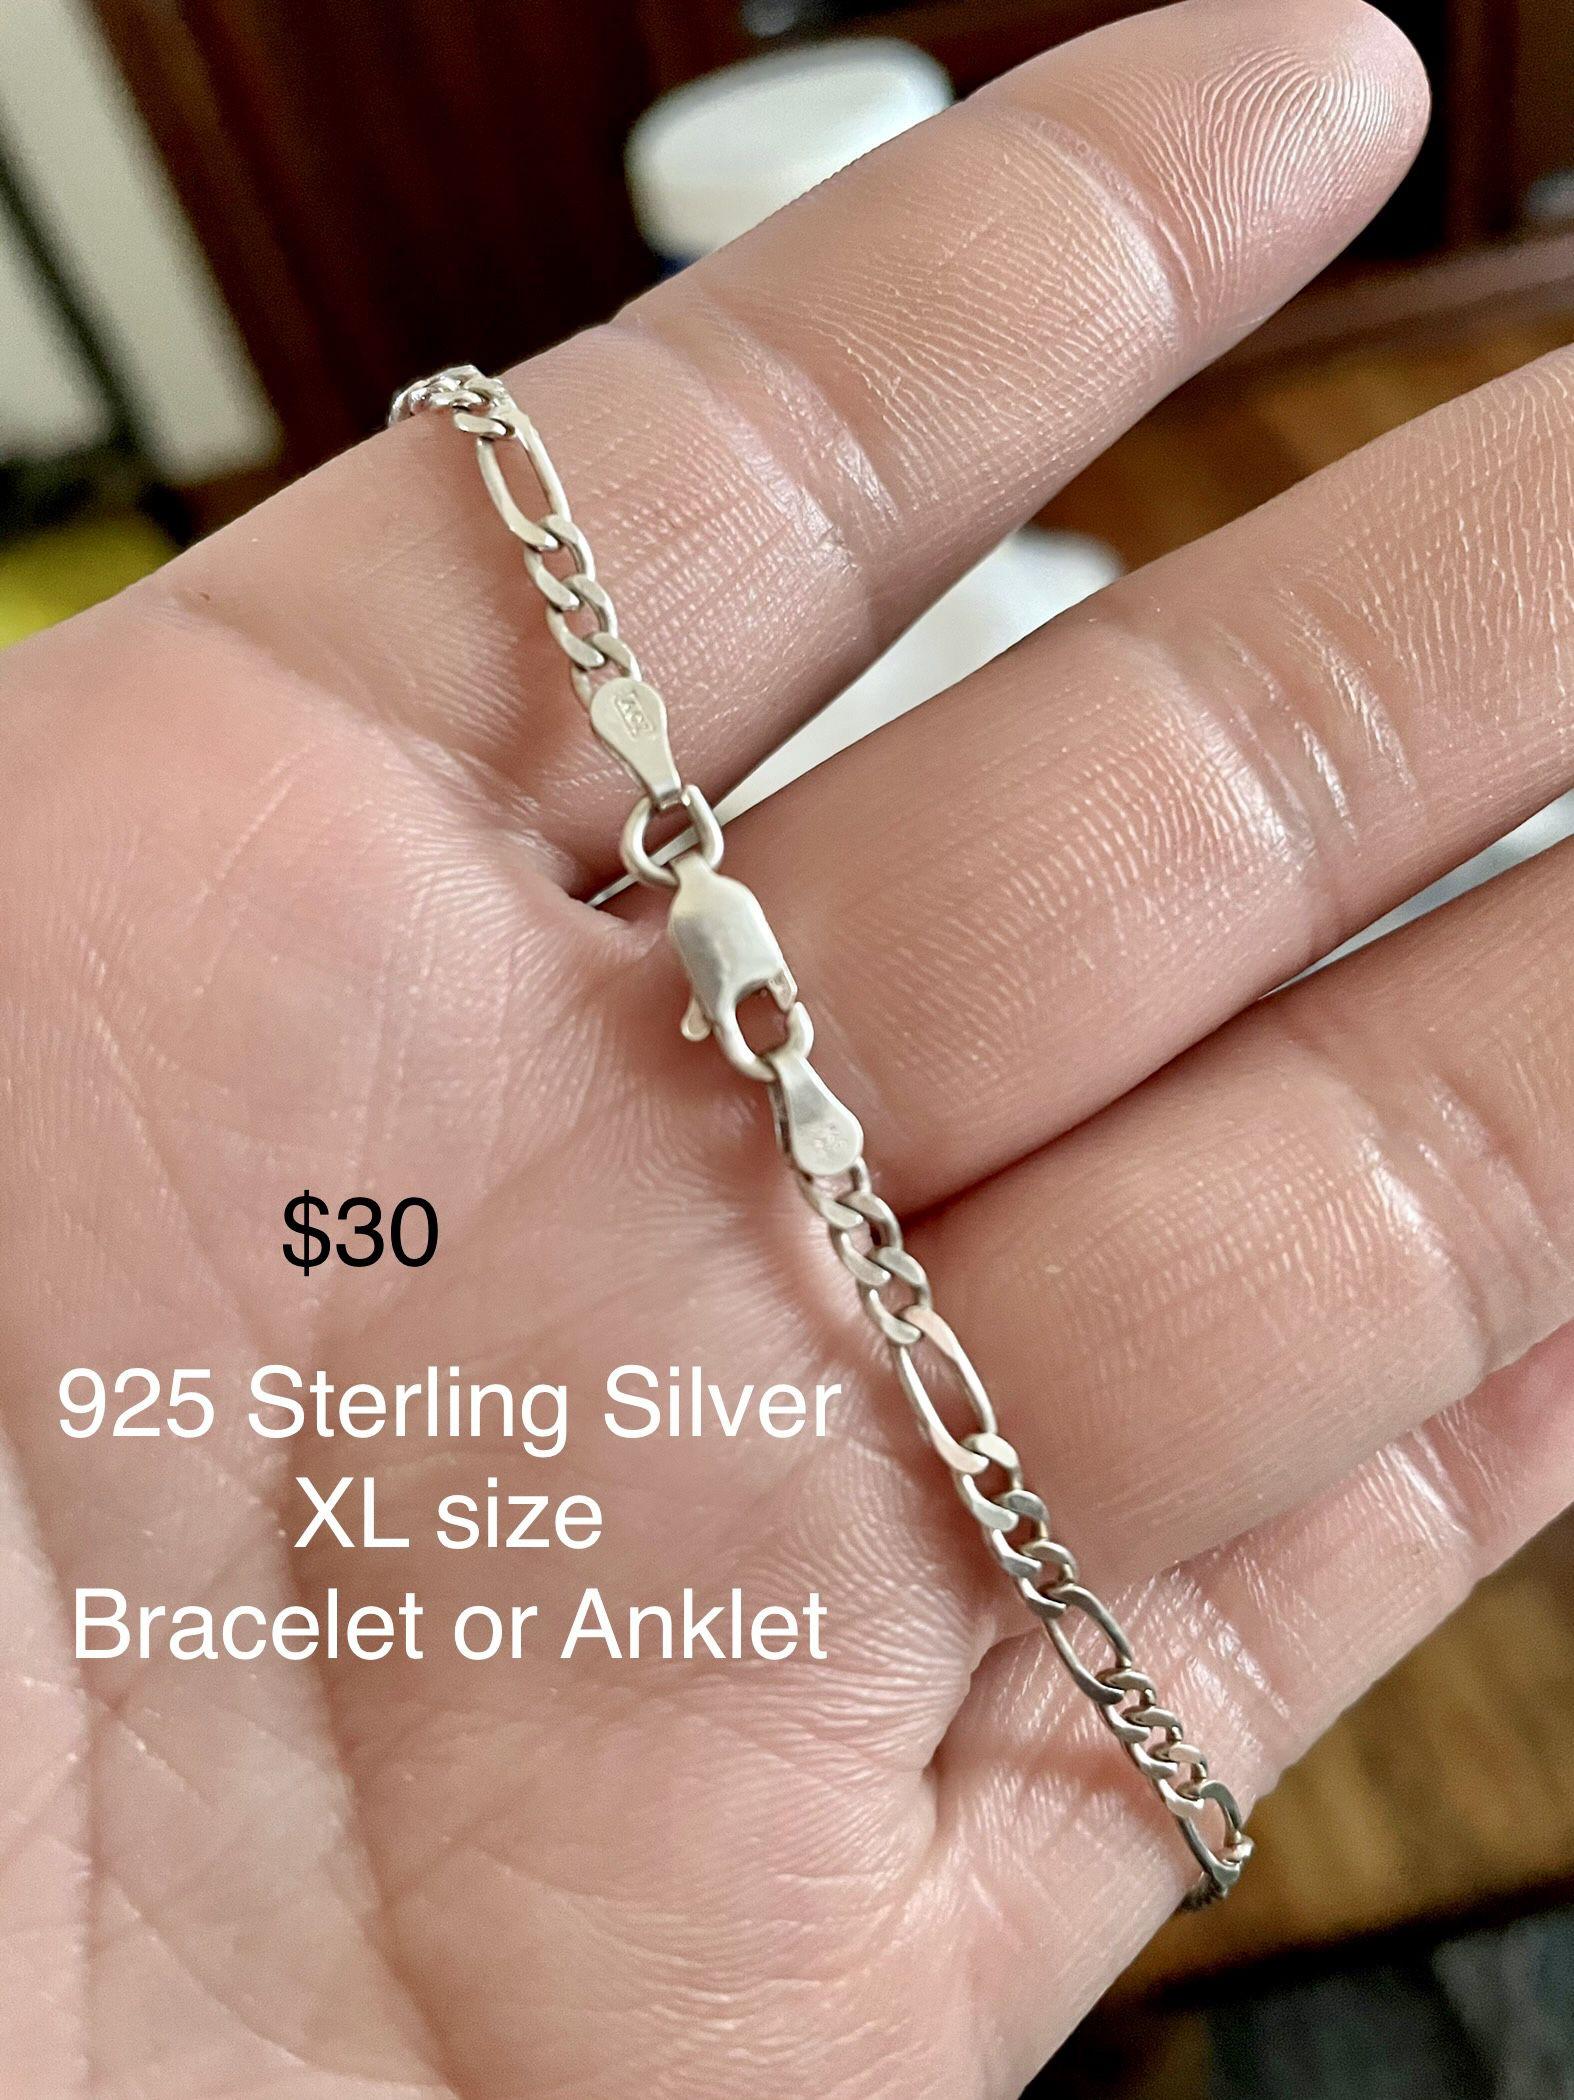 925 Sterling Silver Xl Bracelet/ Anklet? $30 Firm